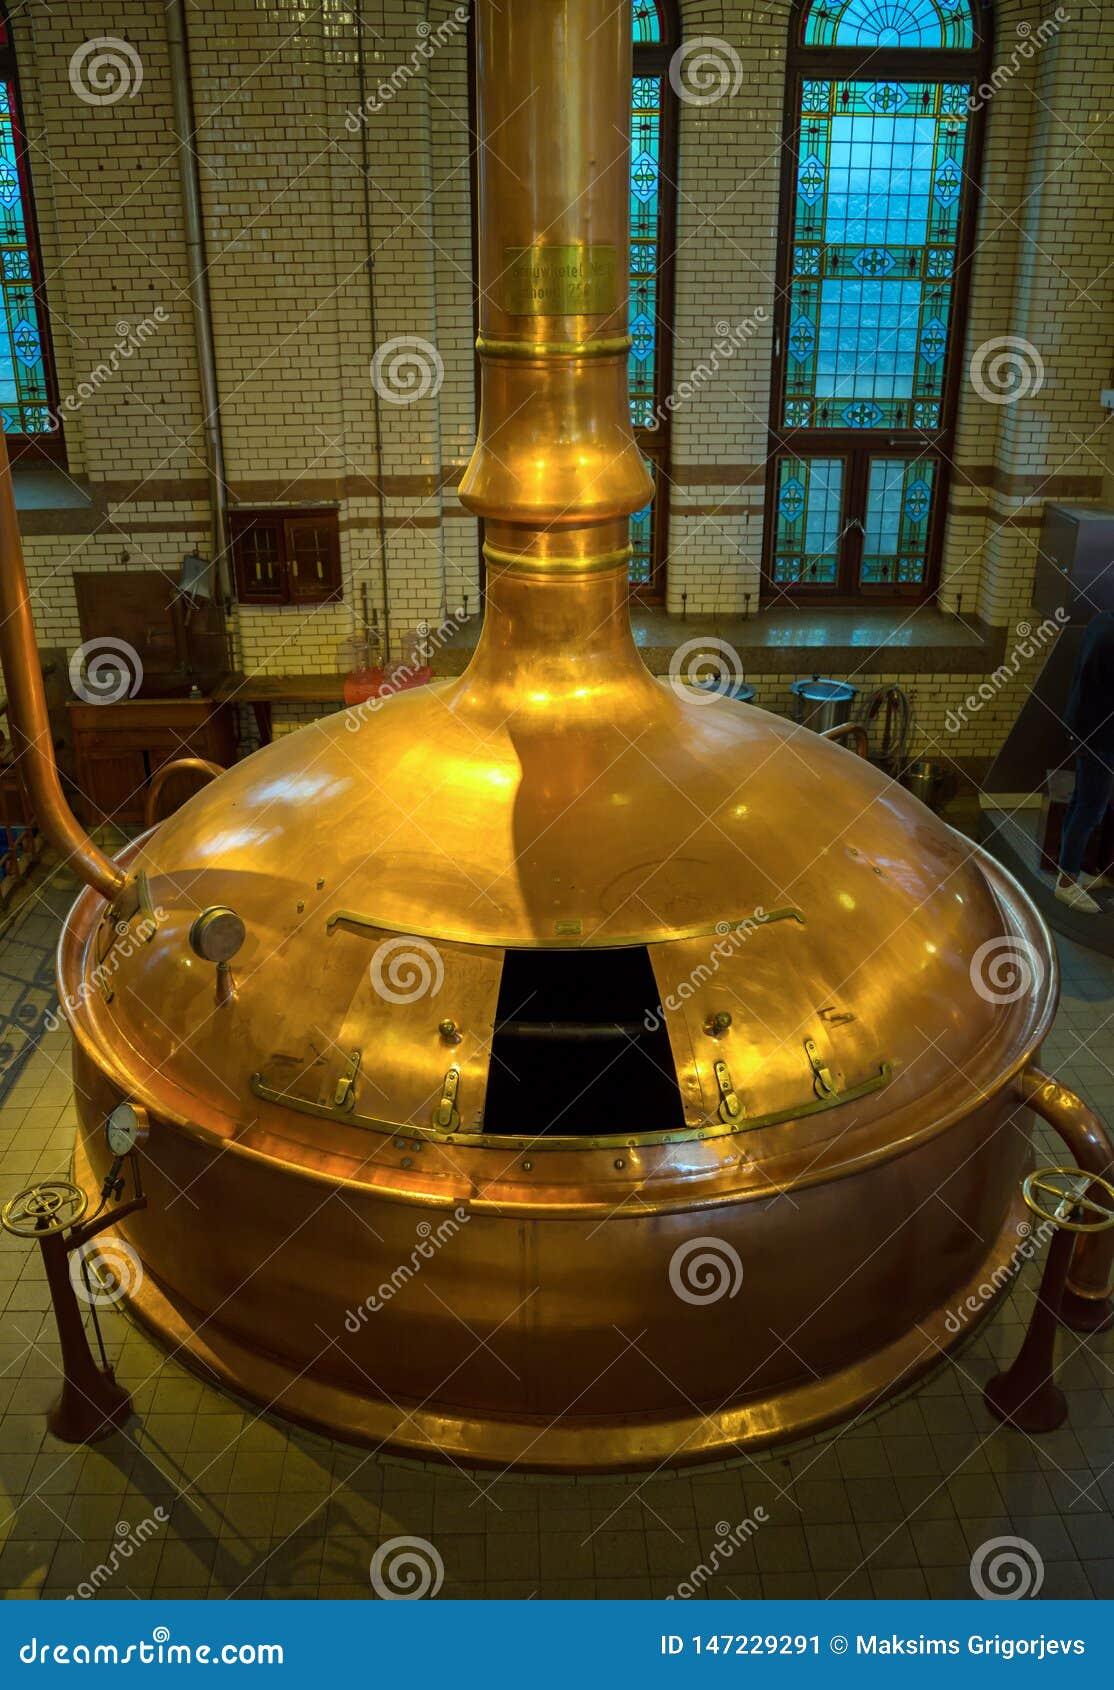 Museo de la fábrica de la cerveza de Heineken, los tanques que elaboran de cobre tradicionales, Amsterdam, los Países Bajos, el 1